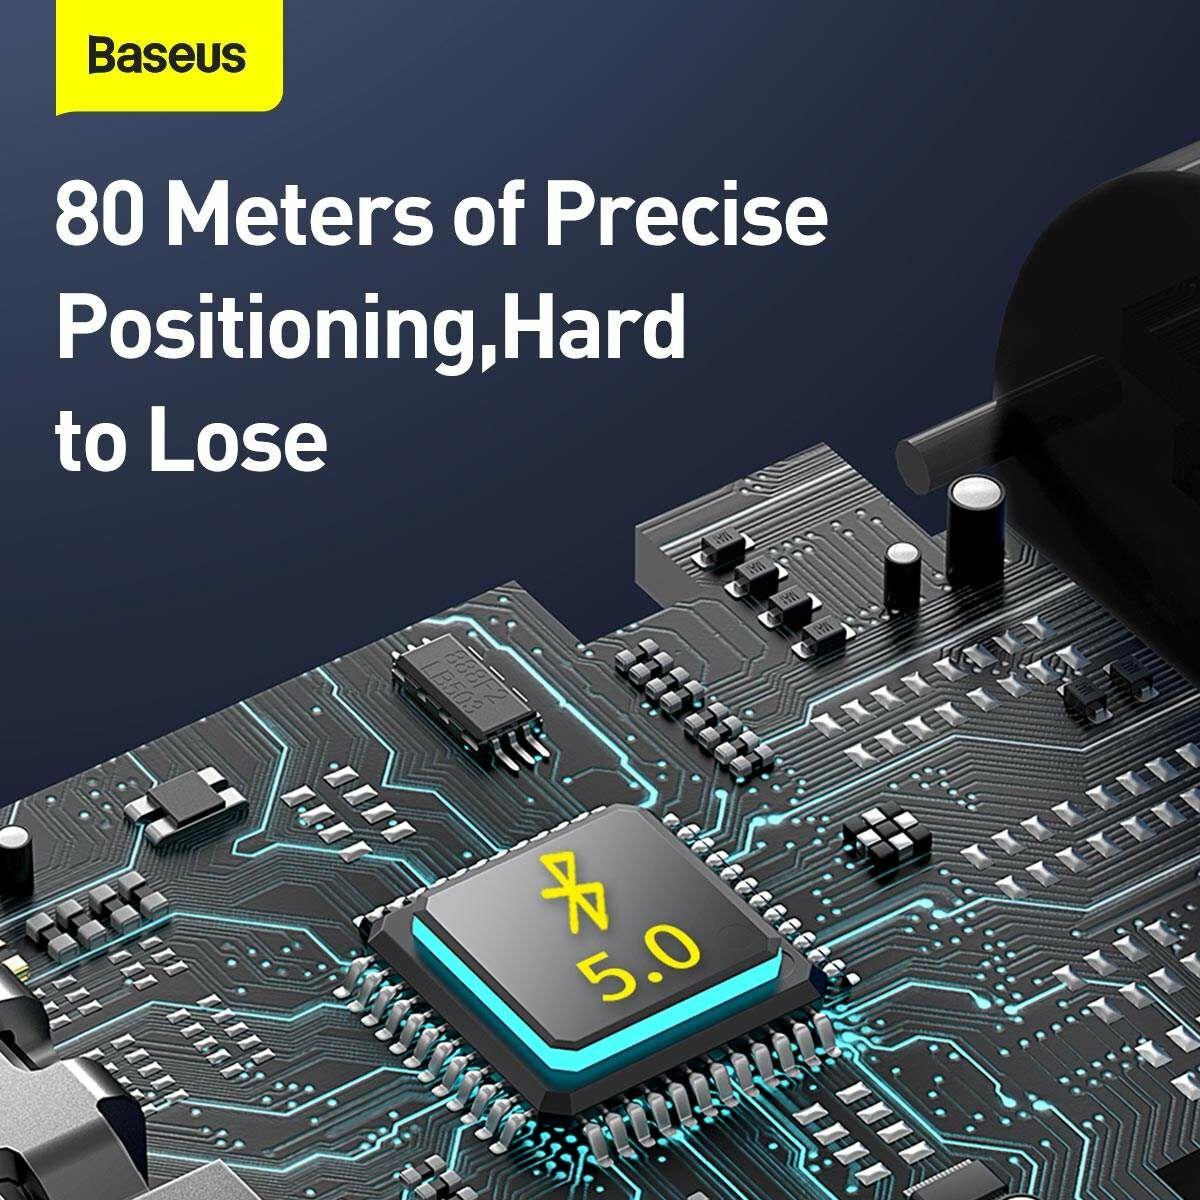 Baseus otthon, Intelligent T3 mini, elveszett eszközök/kulcsok megtalálásához kereső és nyomkövető, tölthető, 80 mAh, fekete (ZLFDQT3-01)